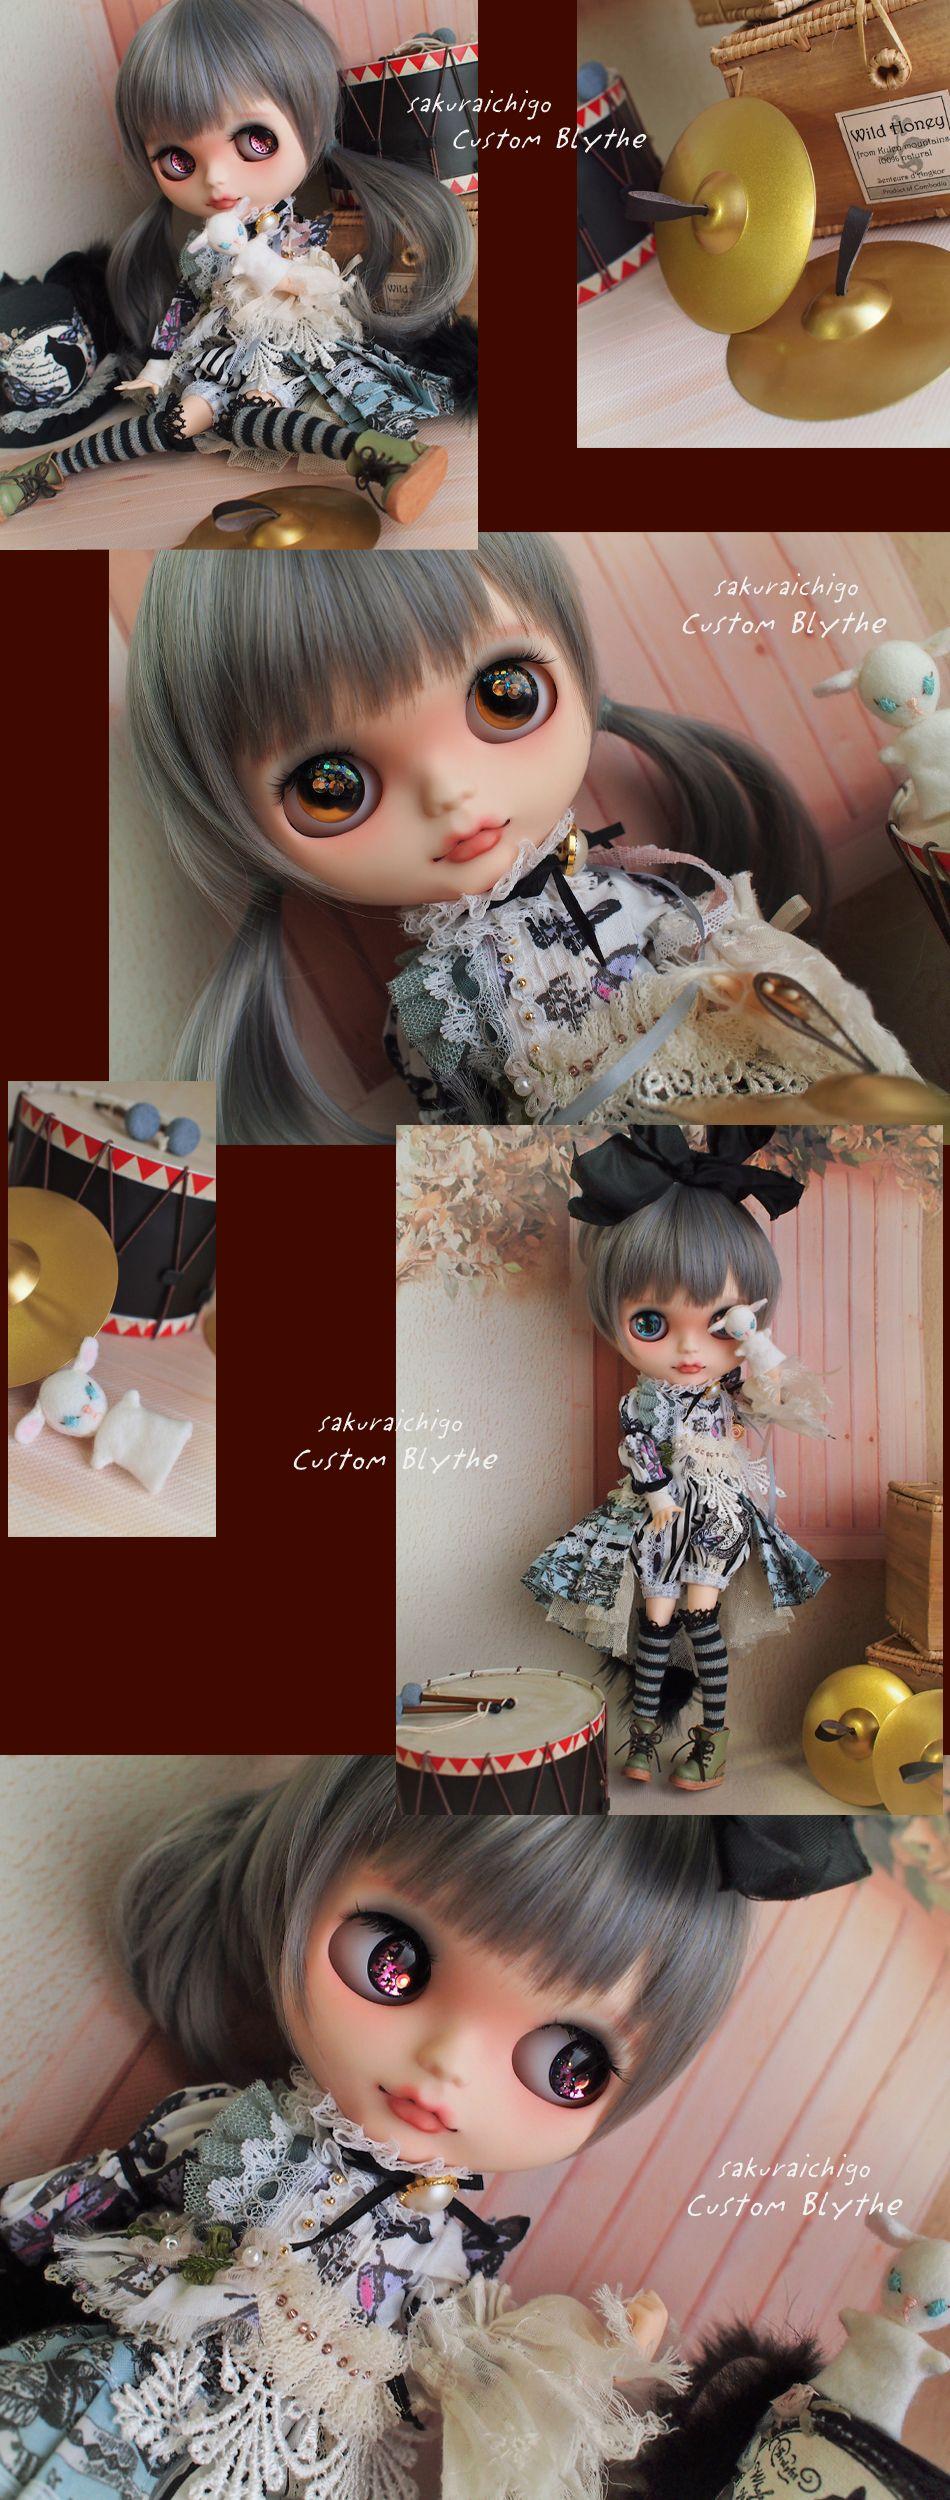 ◆ 桜苺 ◆ カスタムブライス * 黒猫のマリオネッタ * - ヤフオク!